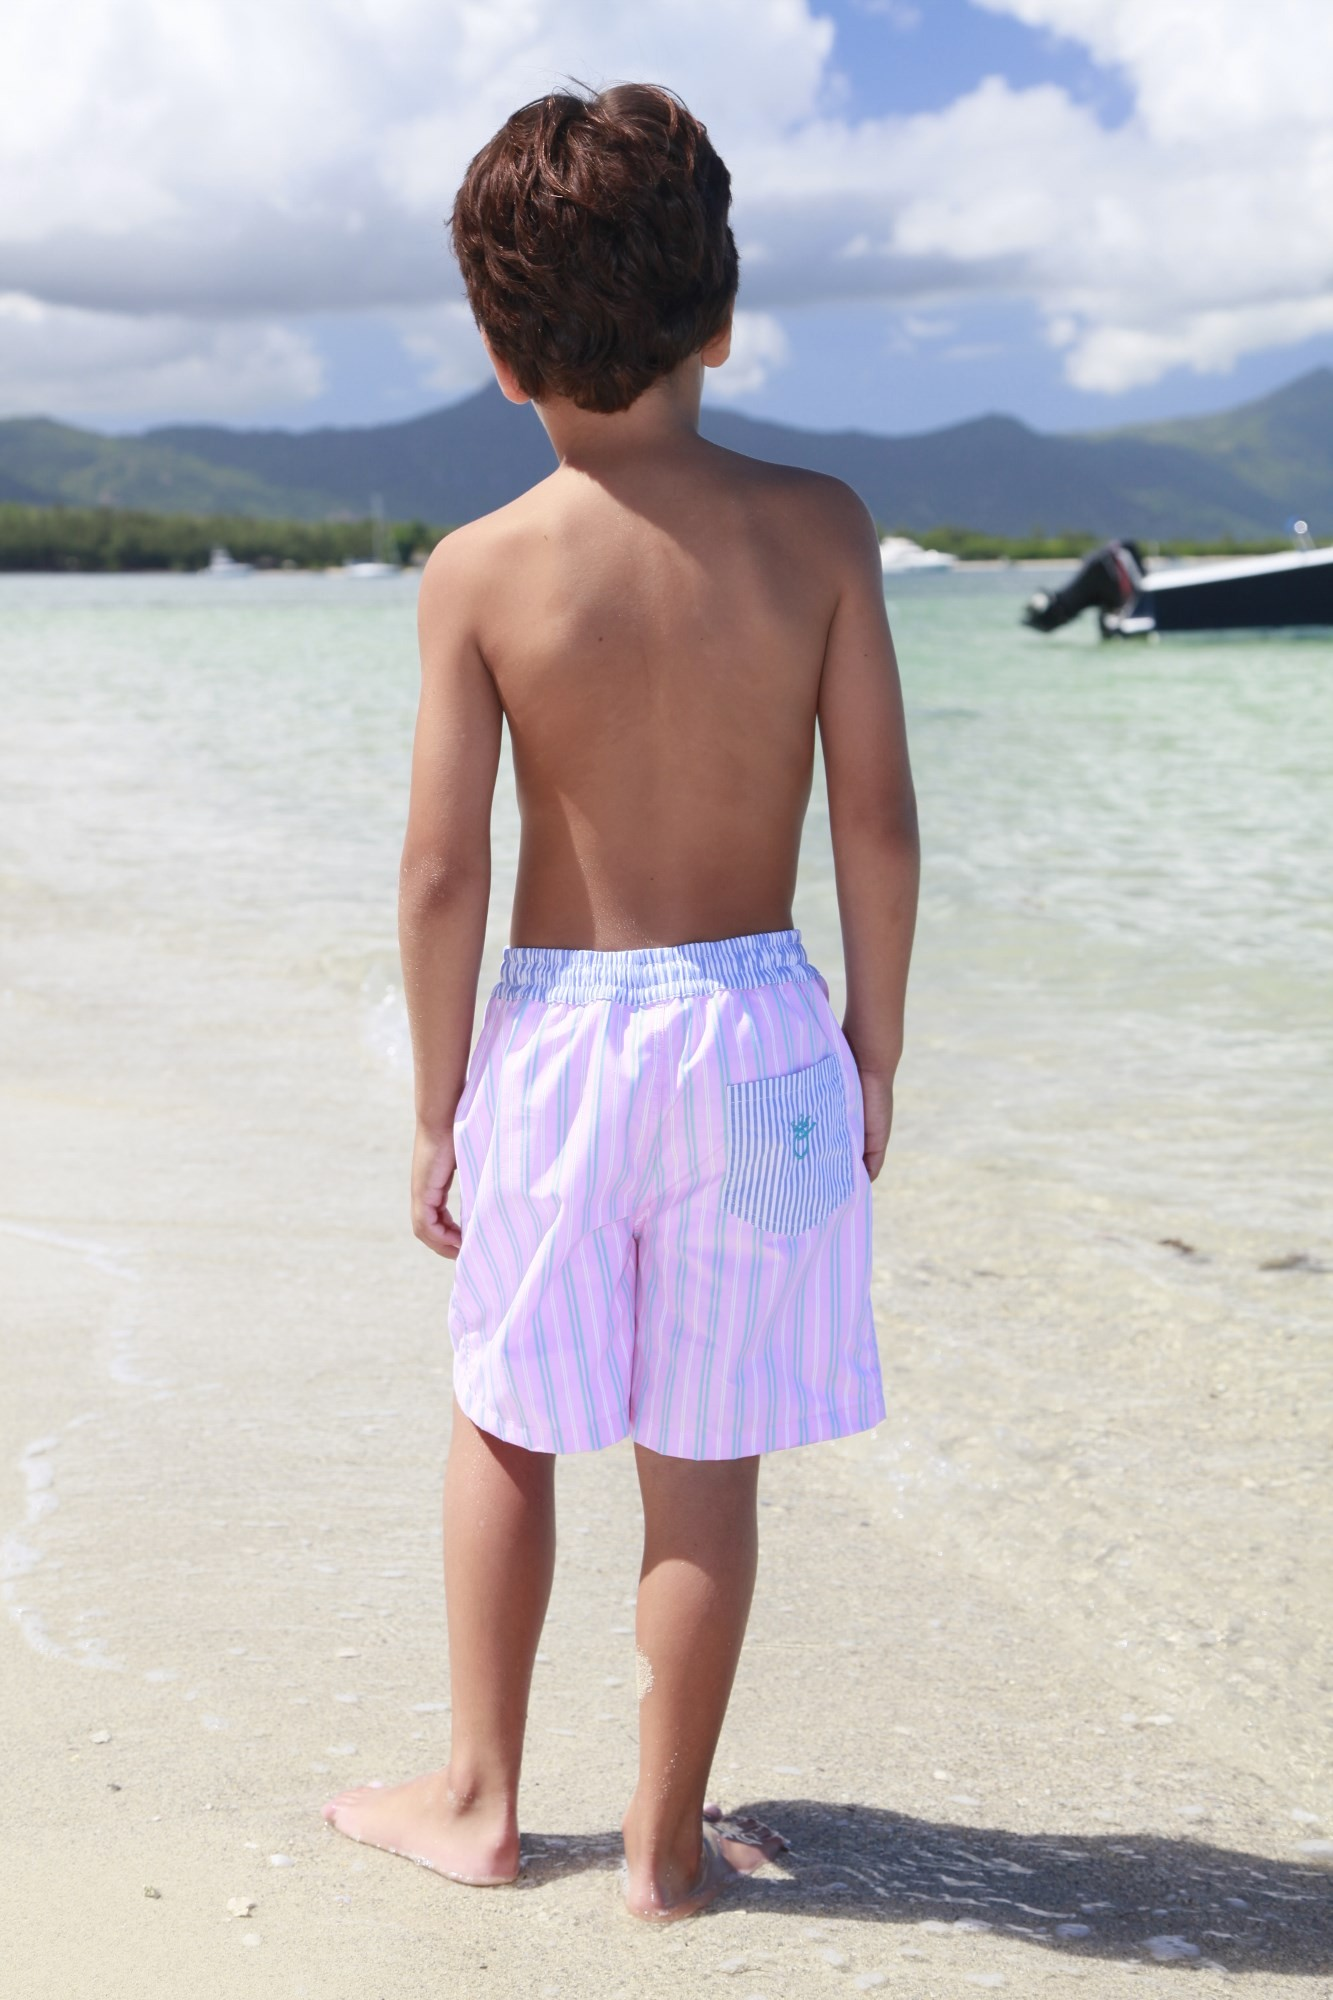 Garçons gays en maillot de bain